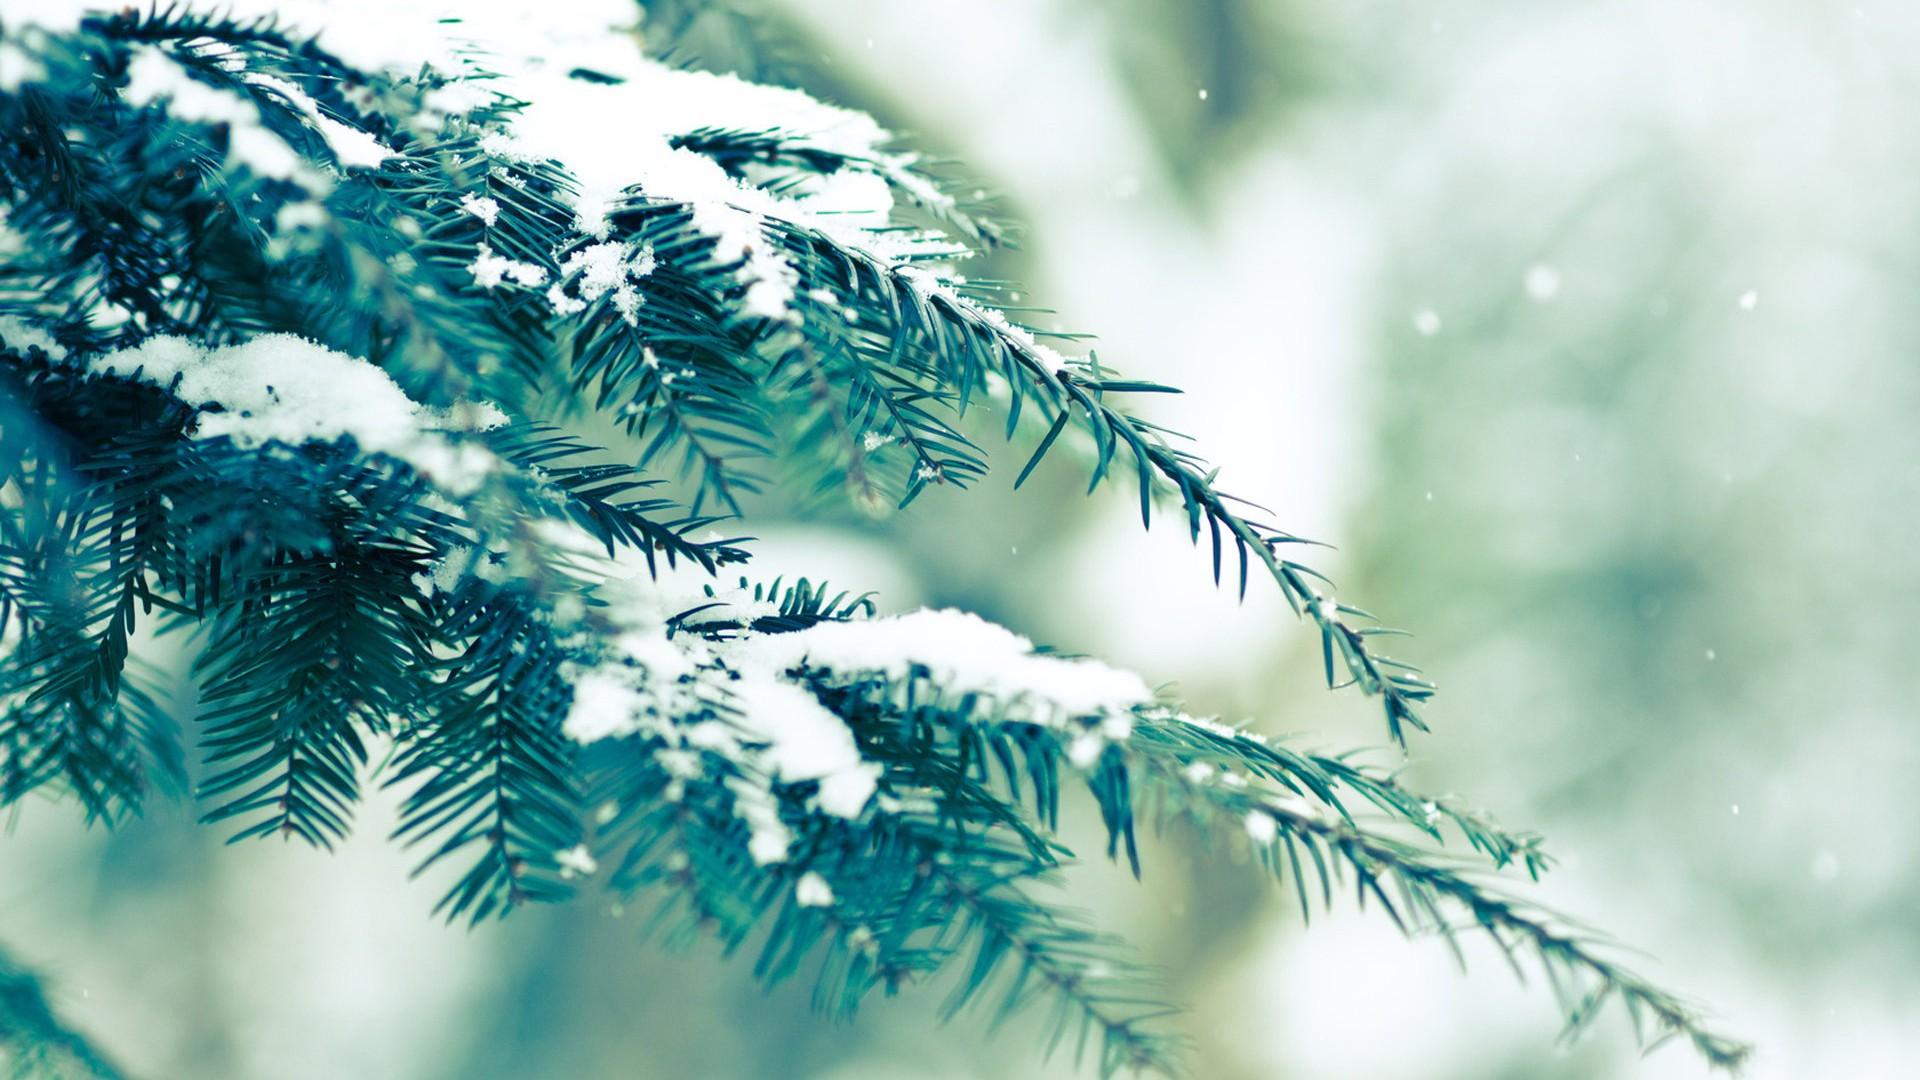 唯美冬季雪景高清桌面壁纸